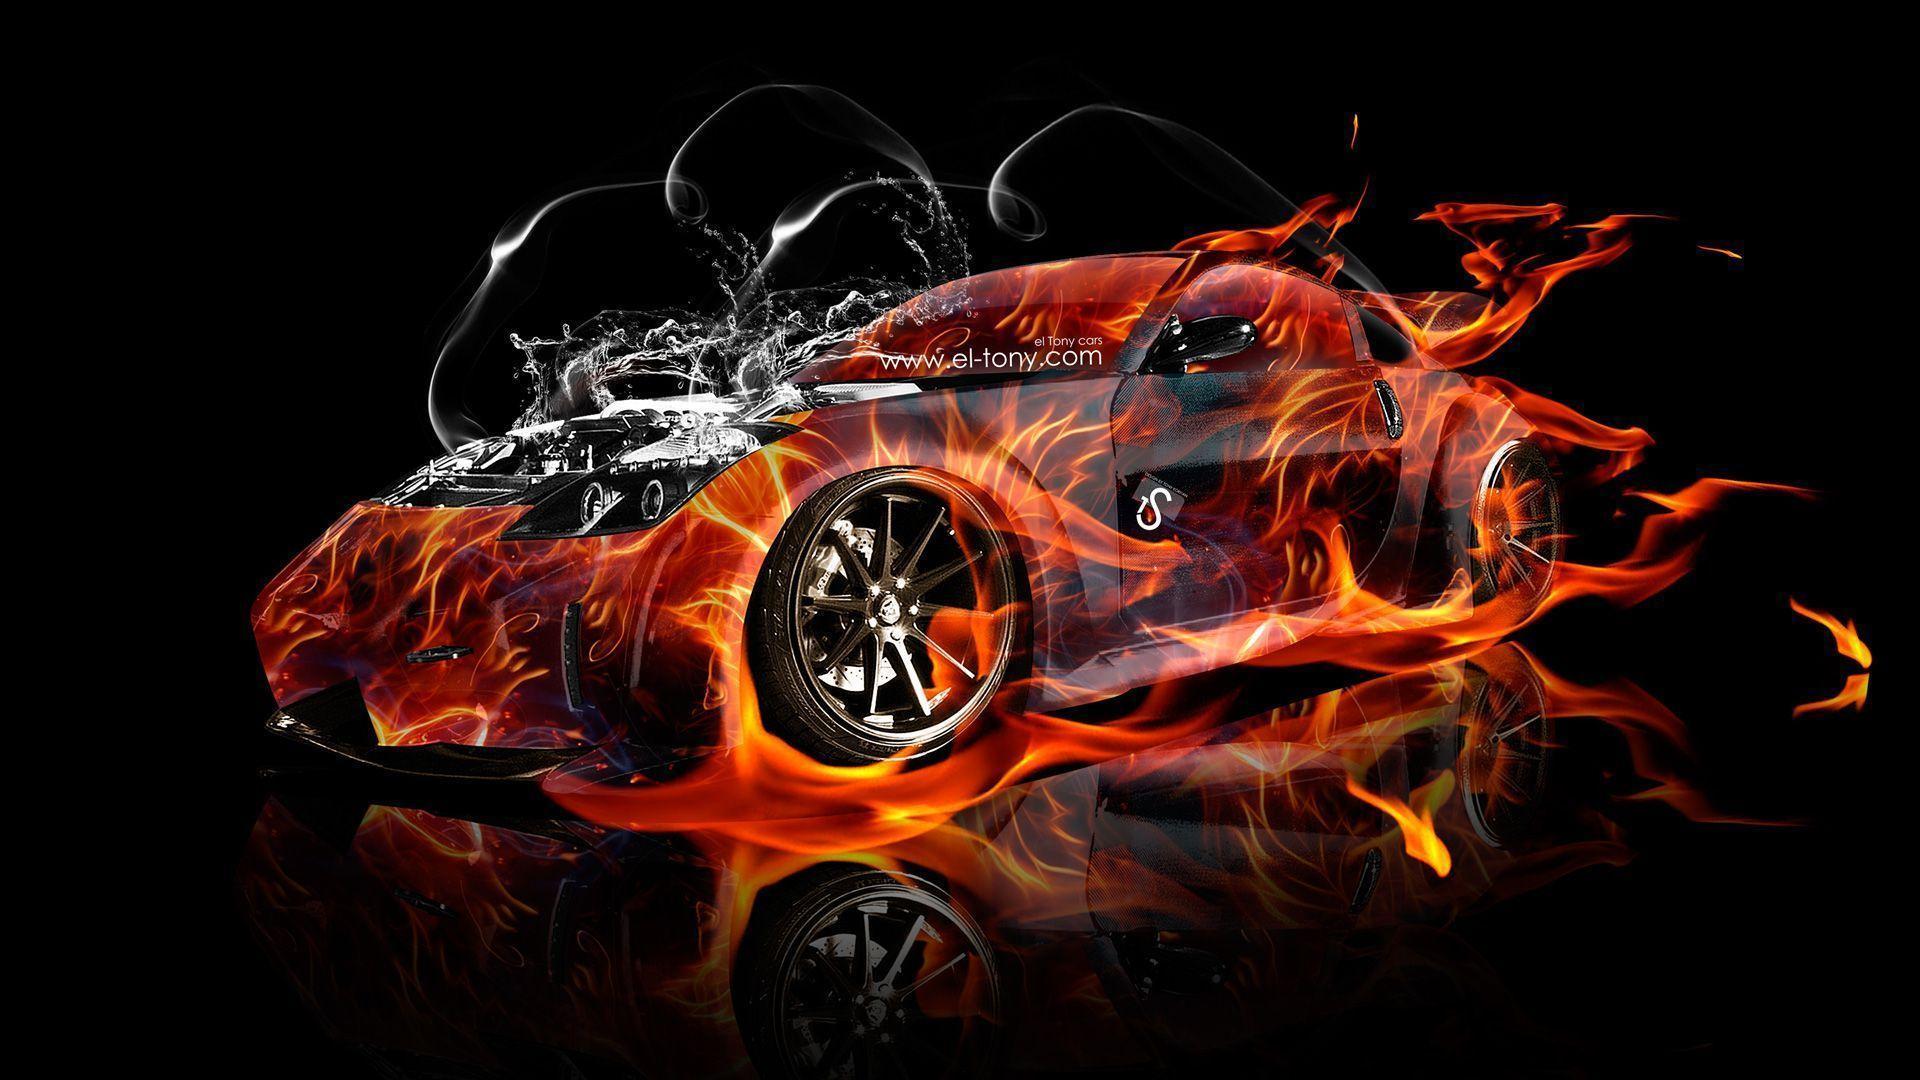 Mazda Furai Vehículos Supercars Hd Fondos De Pantalla: Veilside Wallpapers